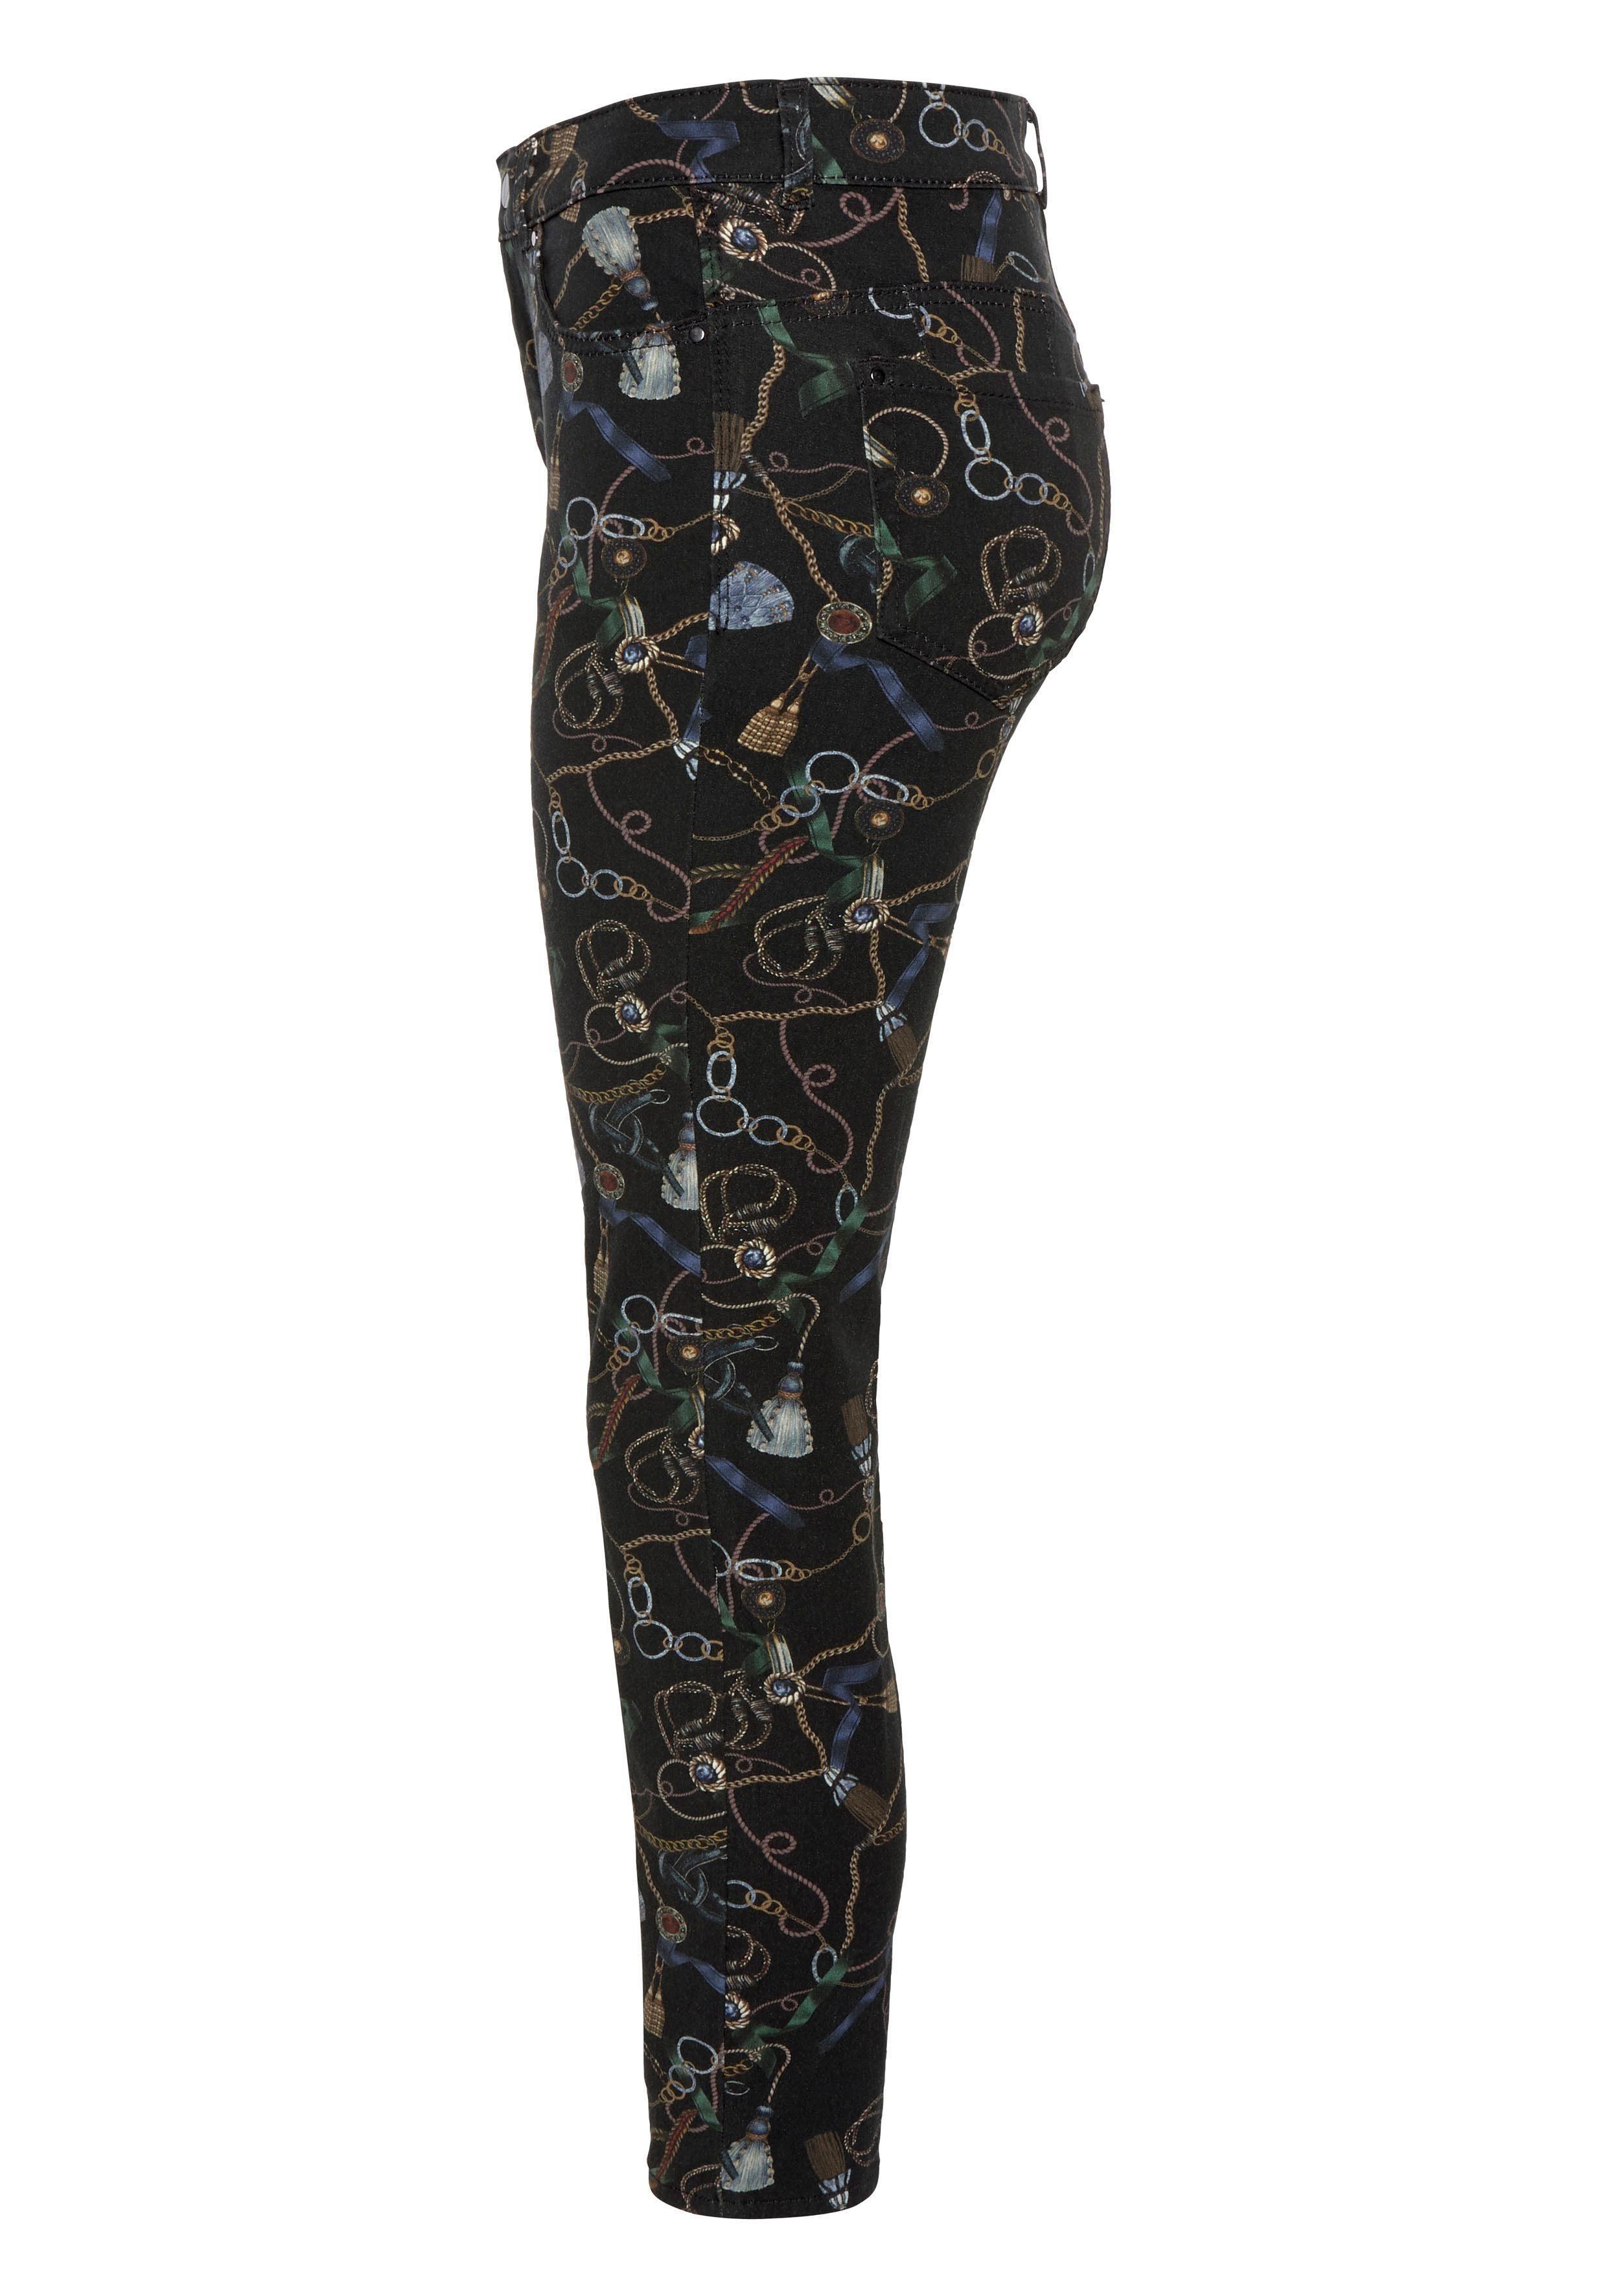 fit chain Angesagtem »skinny Schmale Skinny Skinny Mit form Mac Print« Online Ketten jeans Kaufen print LqSzjpUMGV